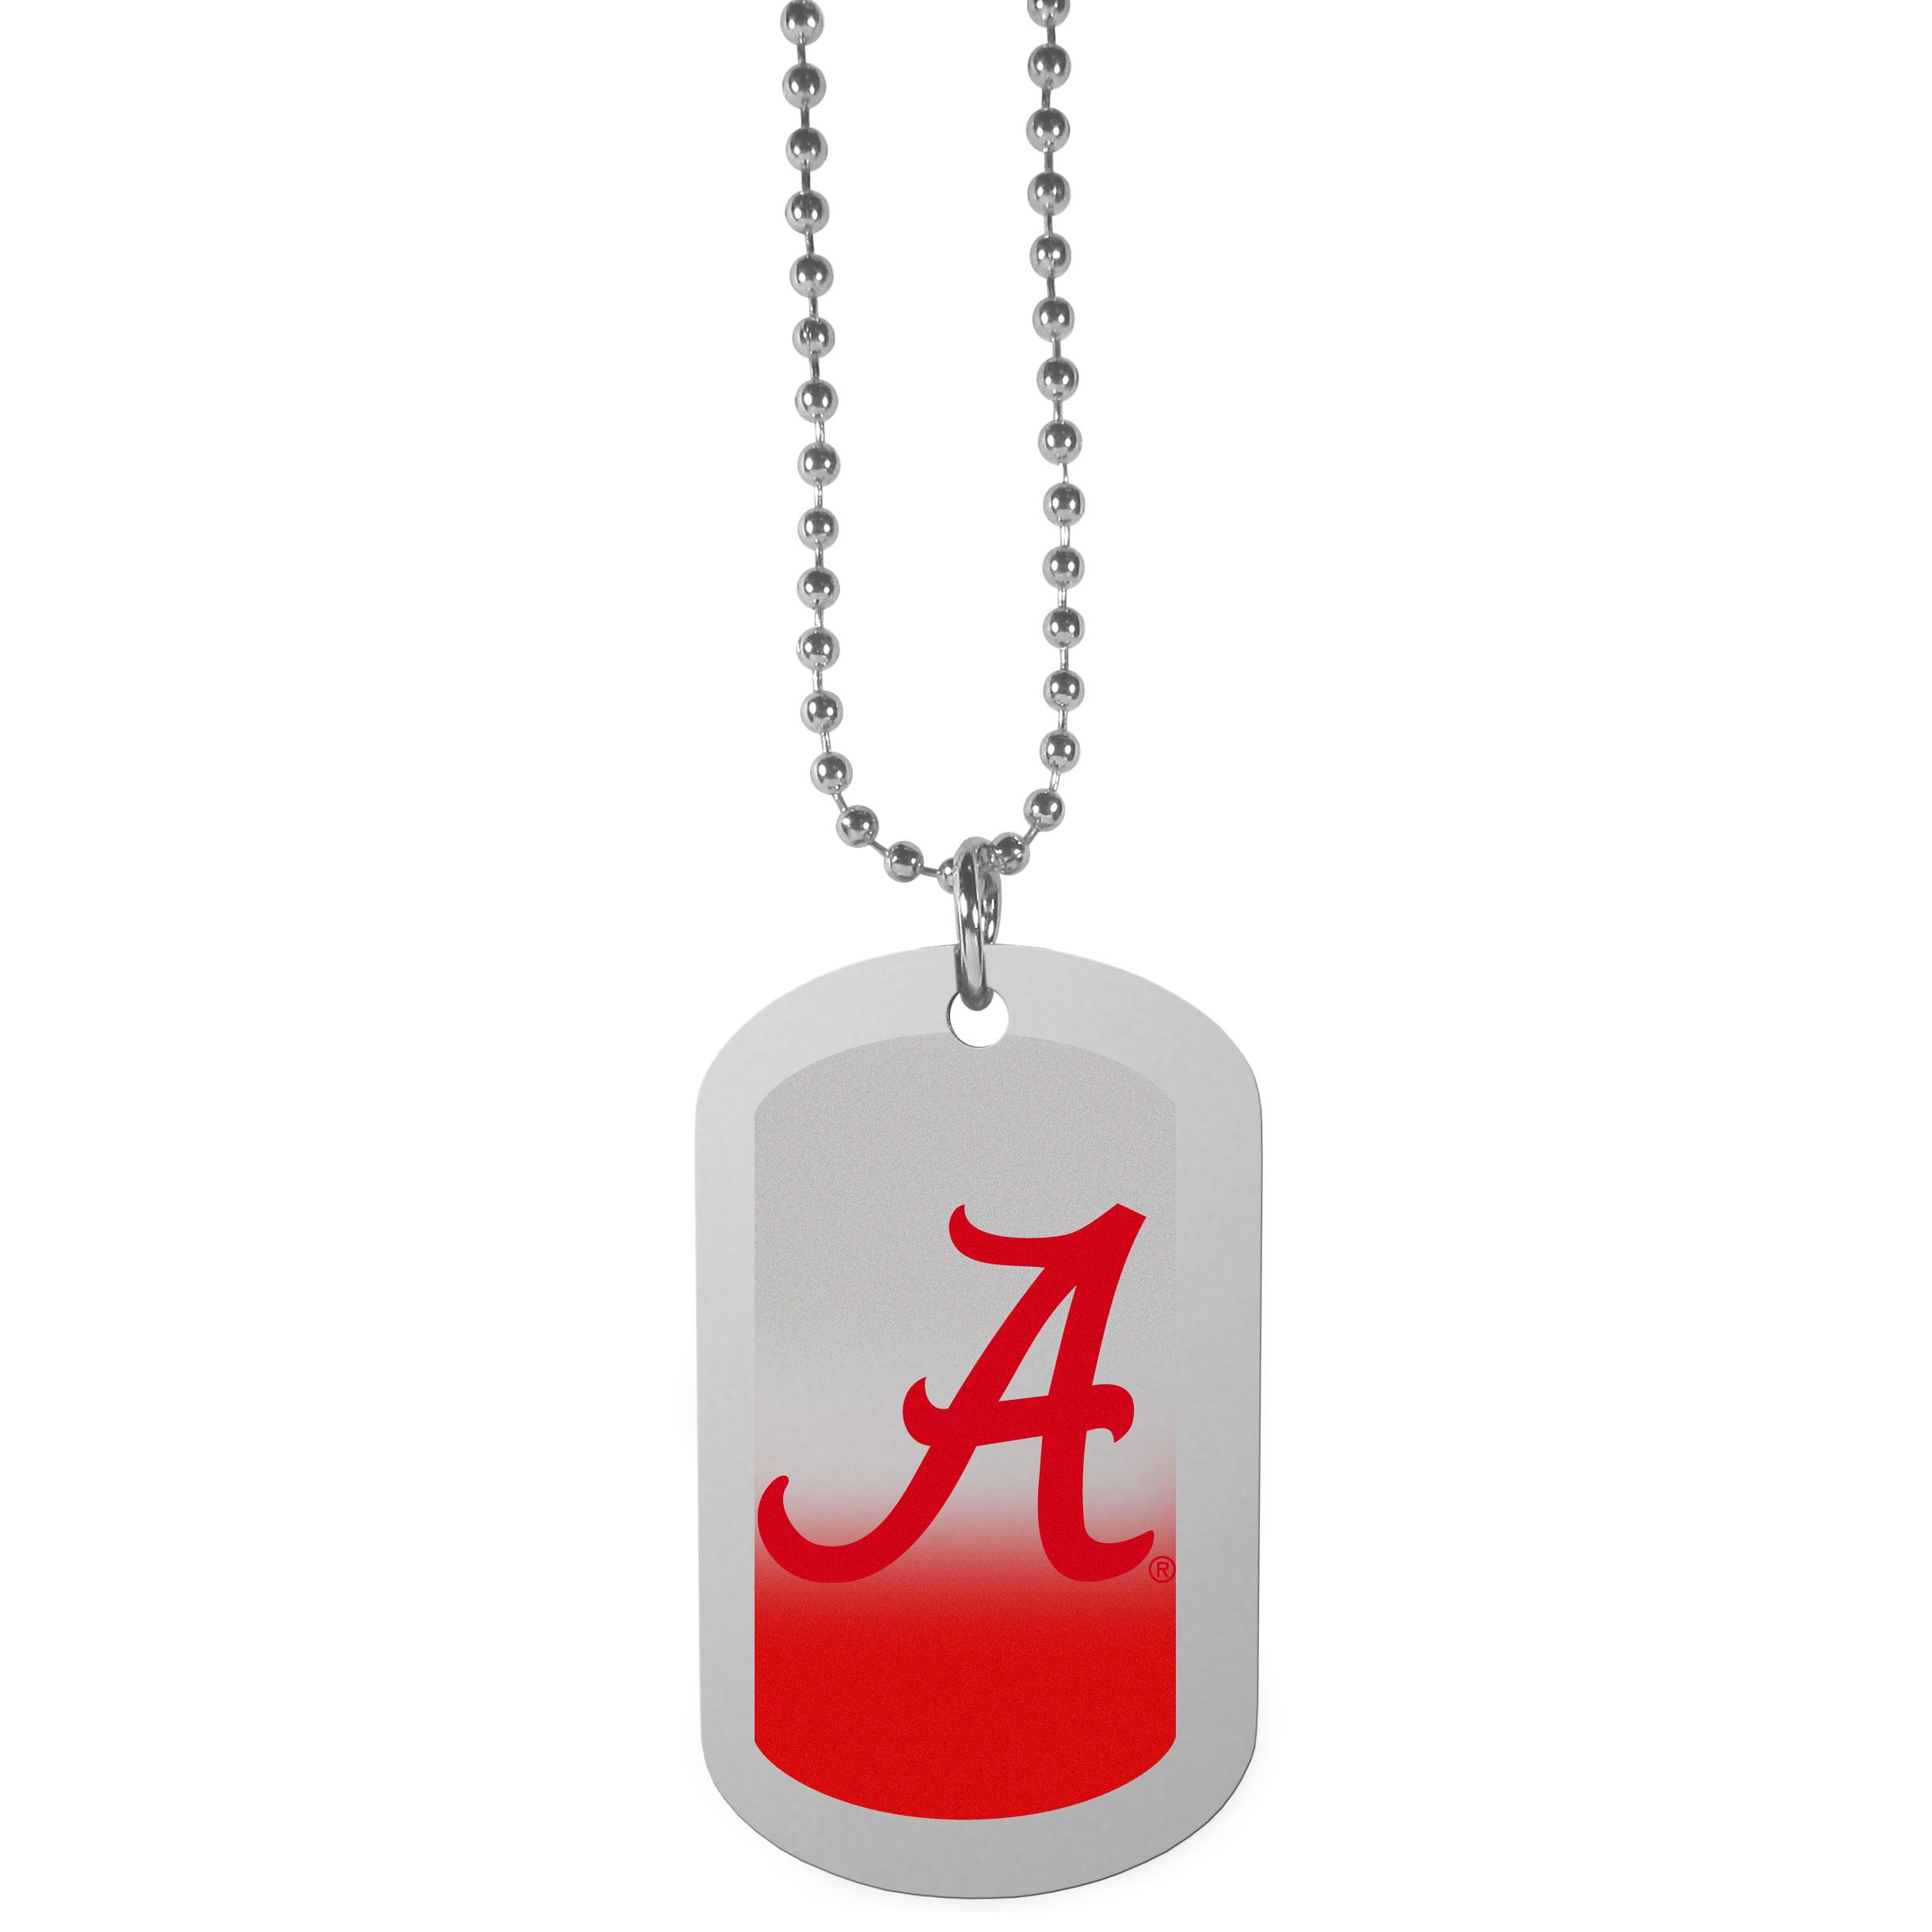 Alabama Crimson Tide Team Tag Necklace